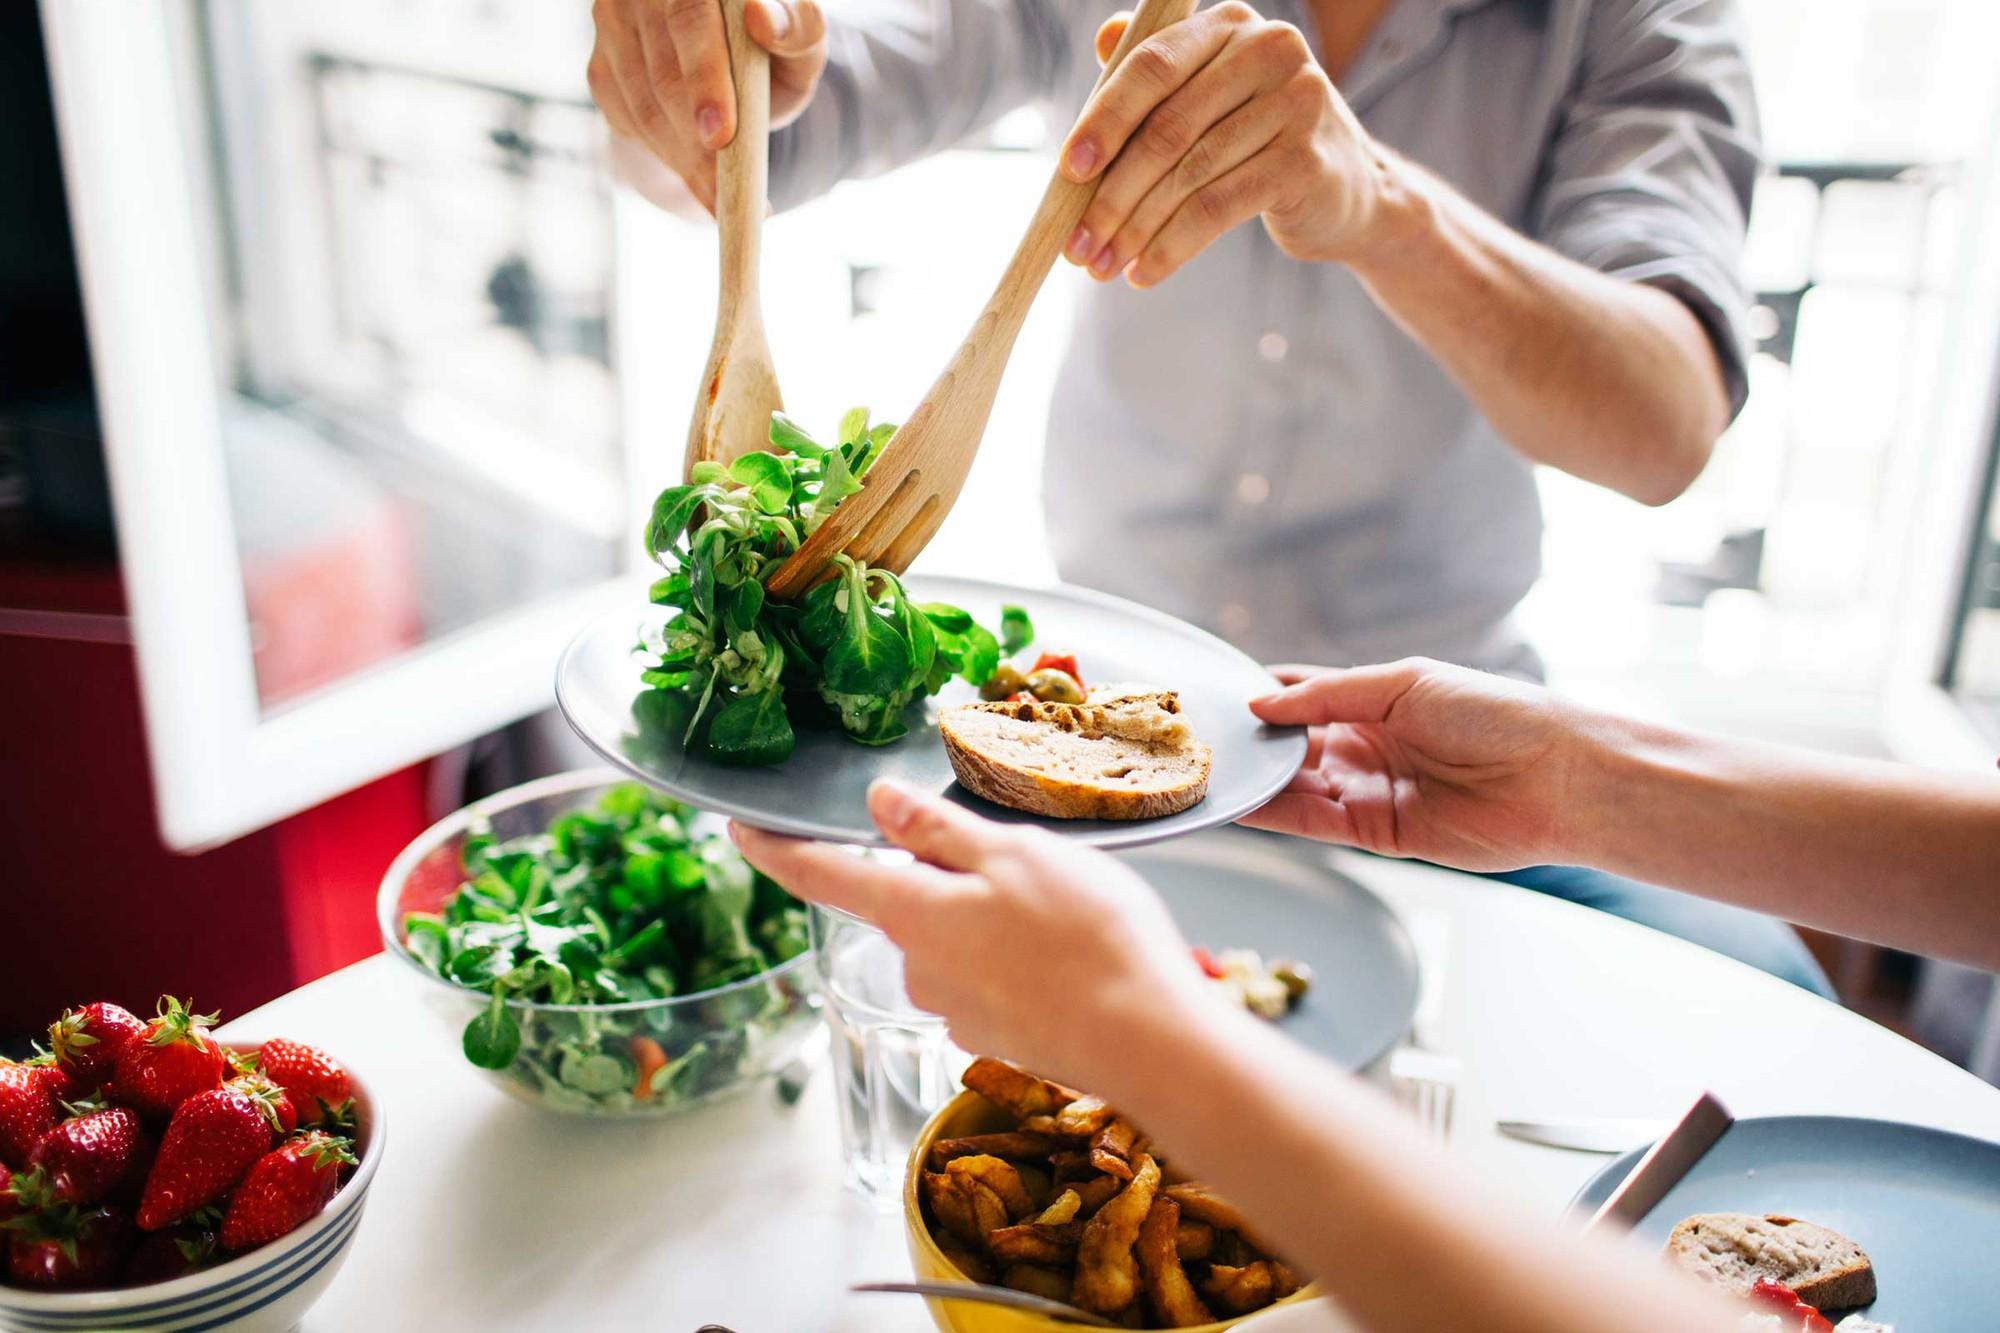 Ăn để giảm cân, nghe phi lý nhưng hoàn toàn hiệu quả nếu bạn áp dụng những bí quyết này - Ảnh 3.